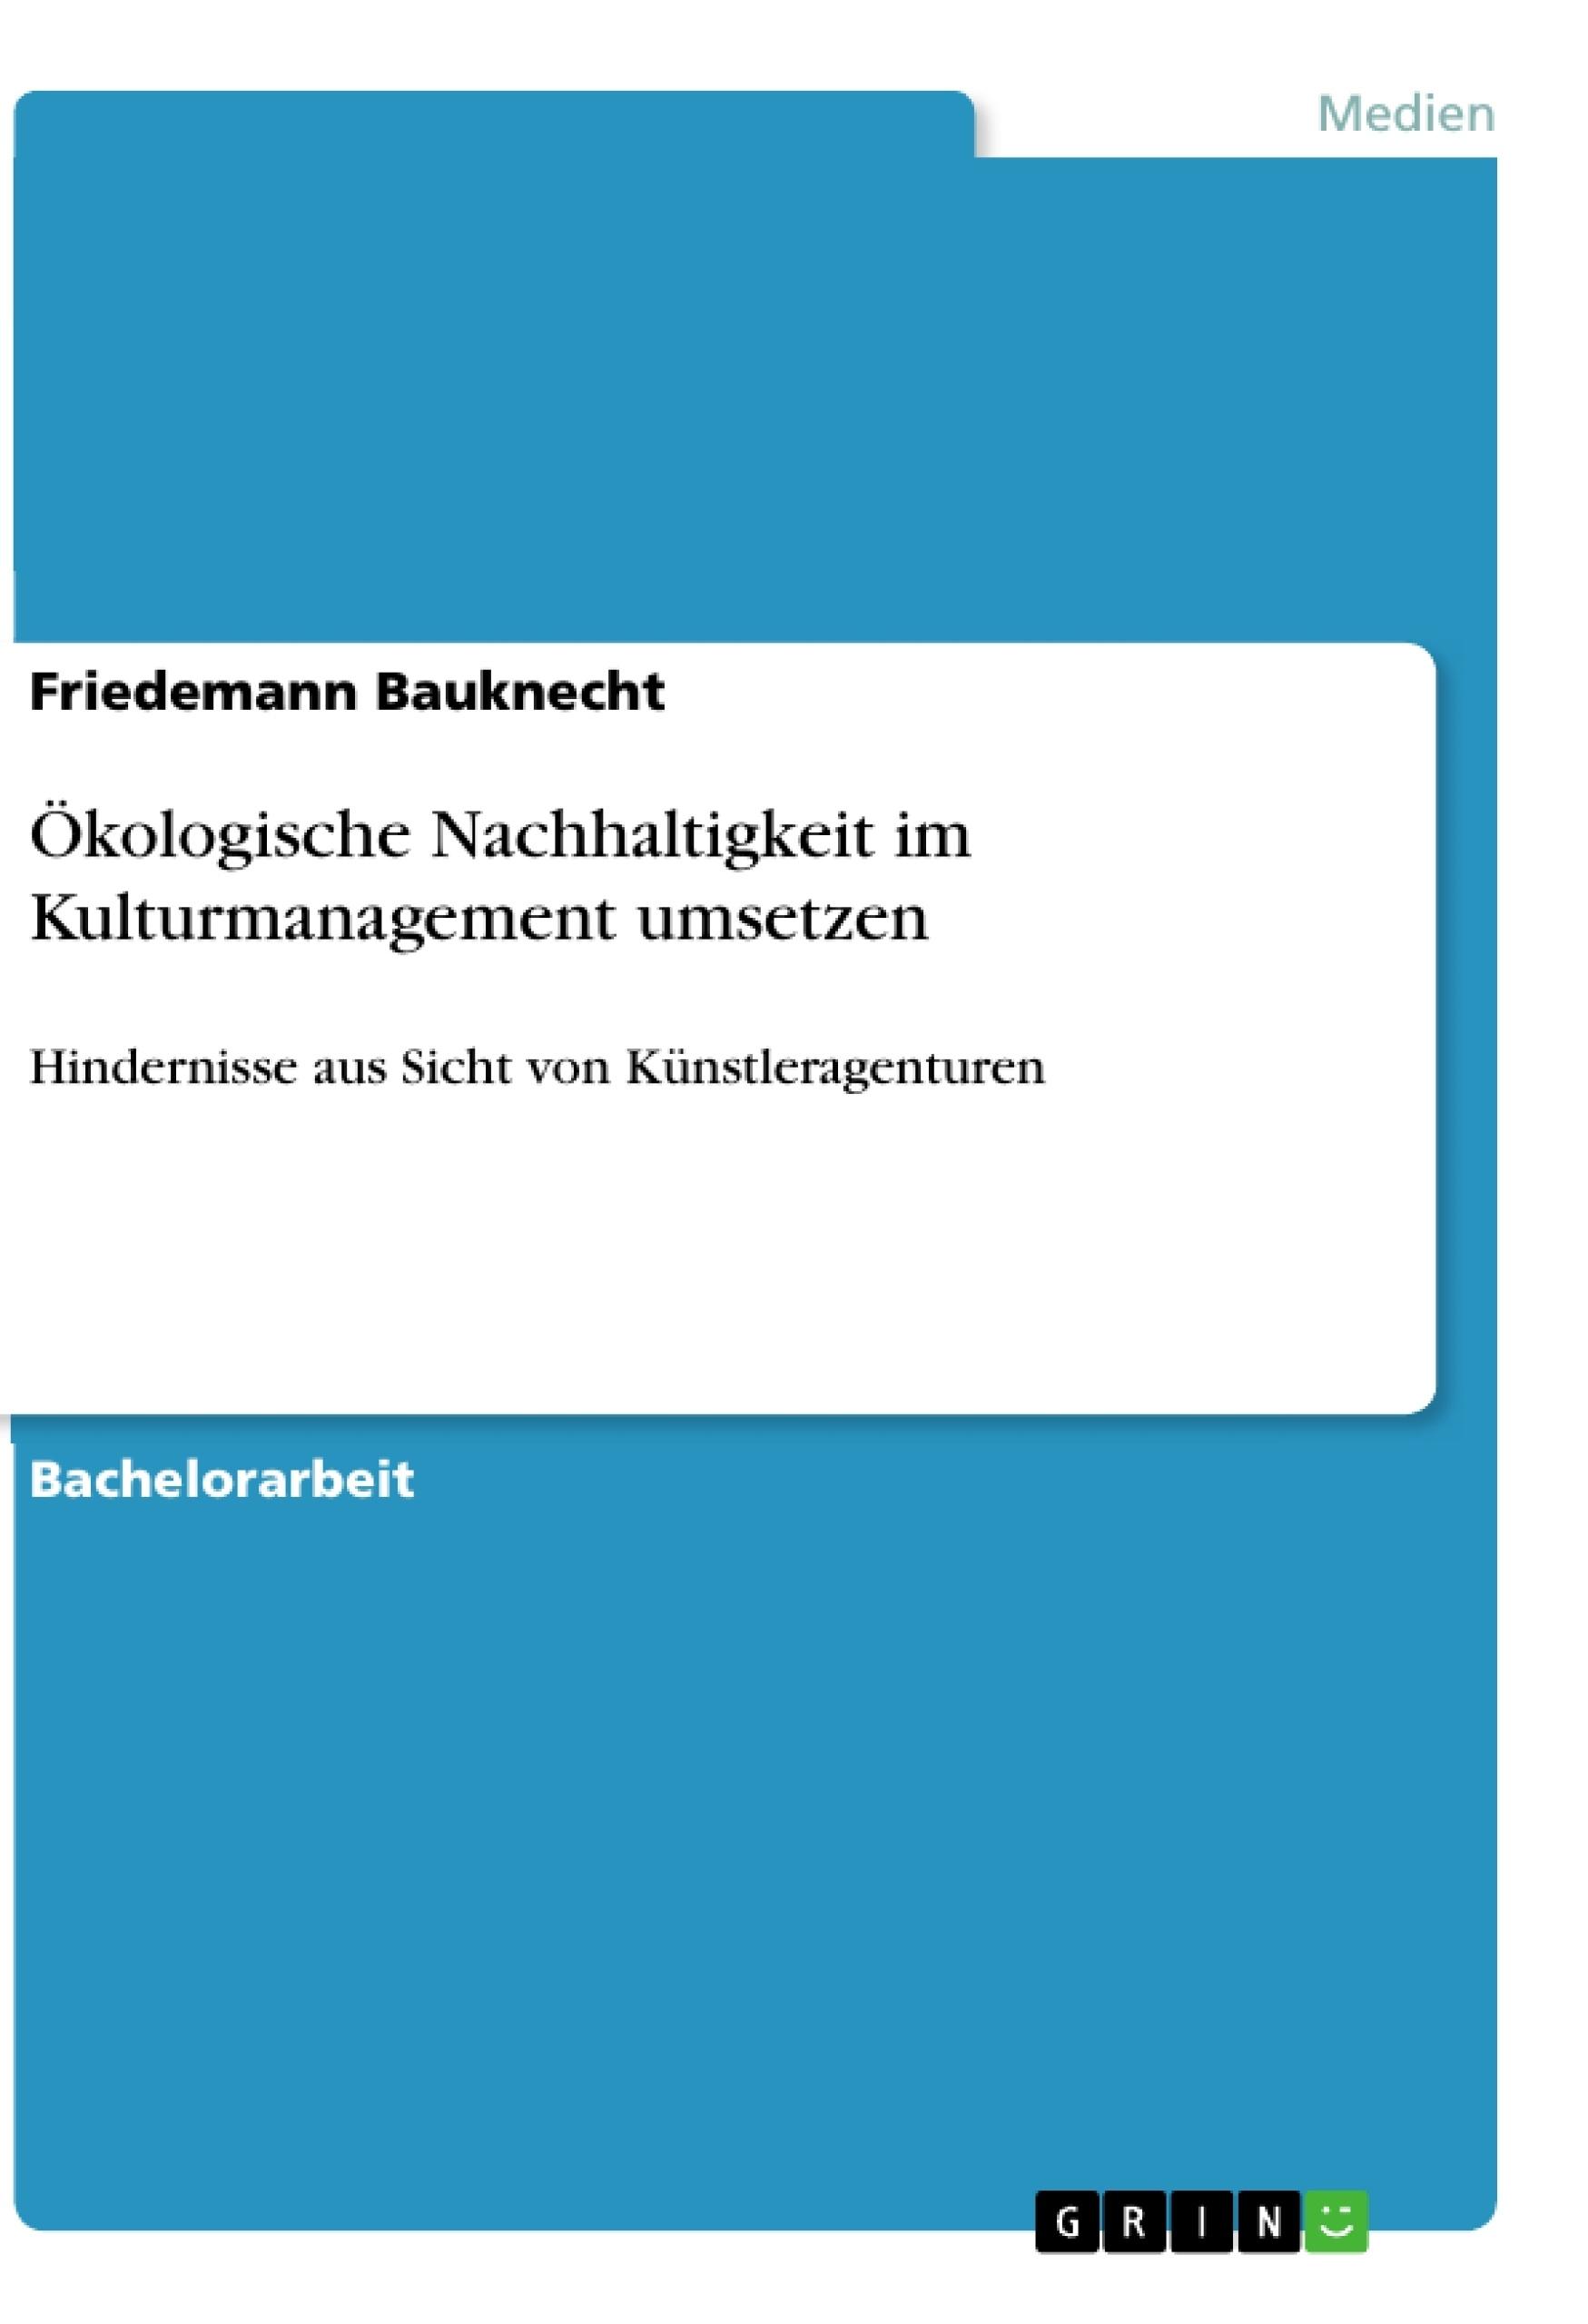 Titel: Ökologische Nachhaltigkeit im Kulturmanagement umsetzen